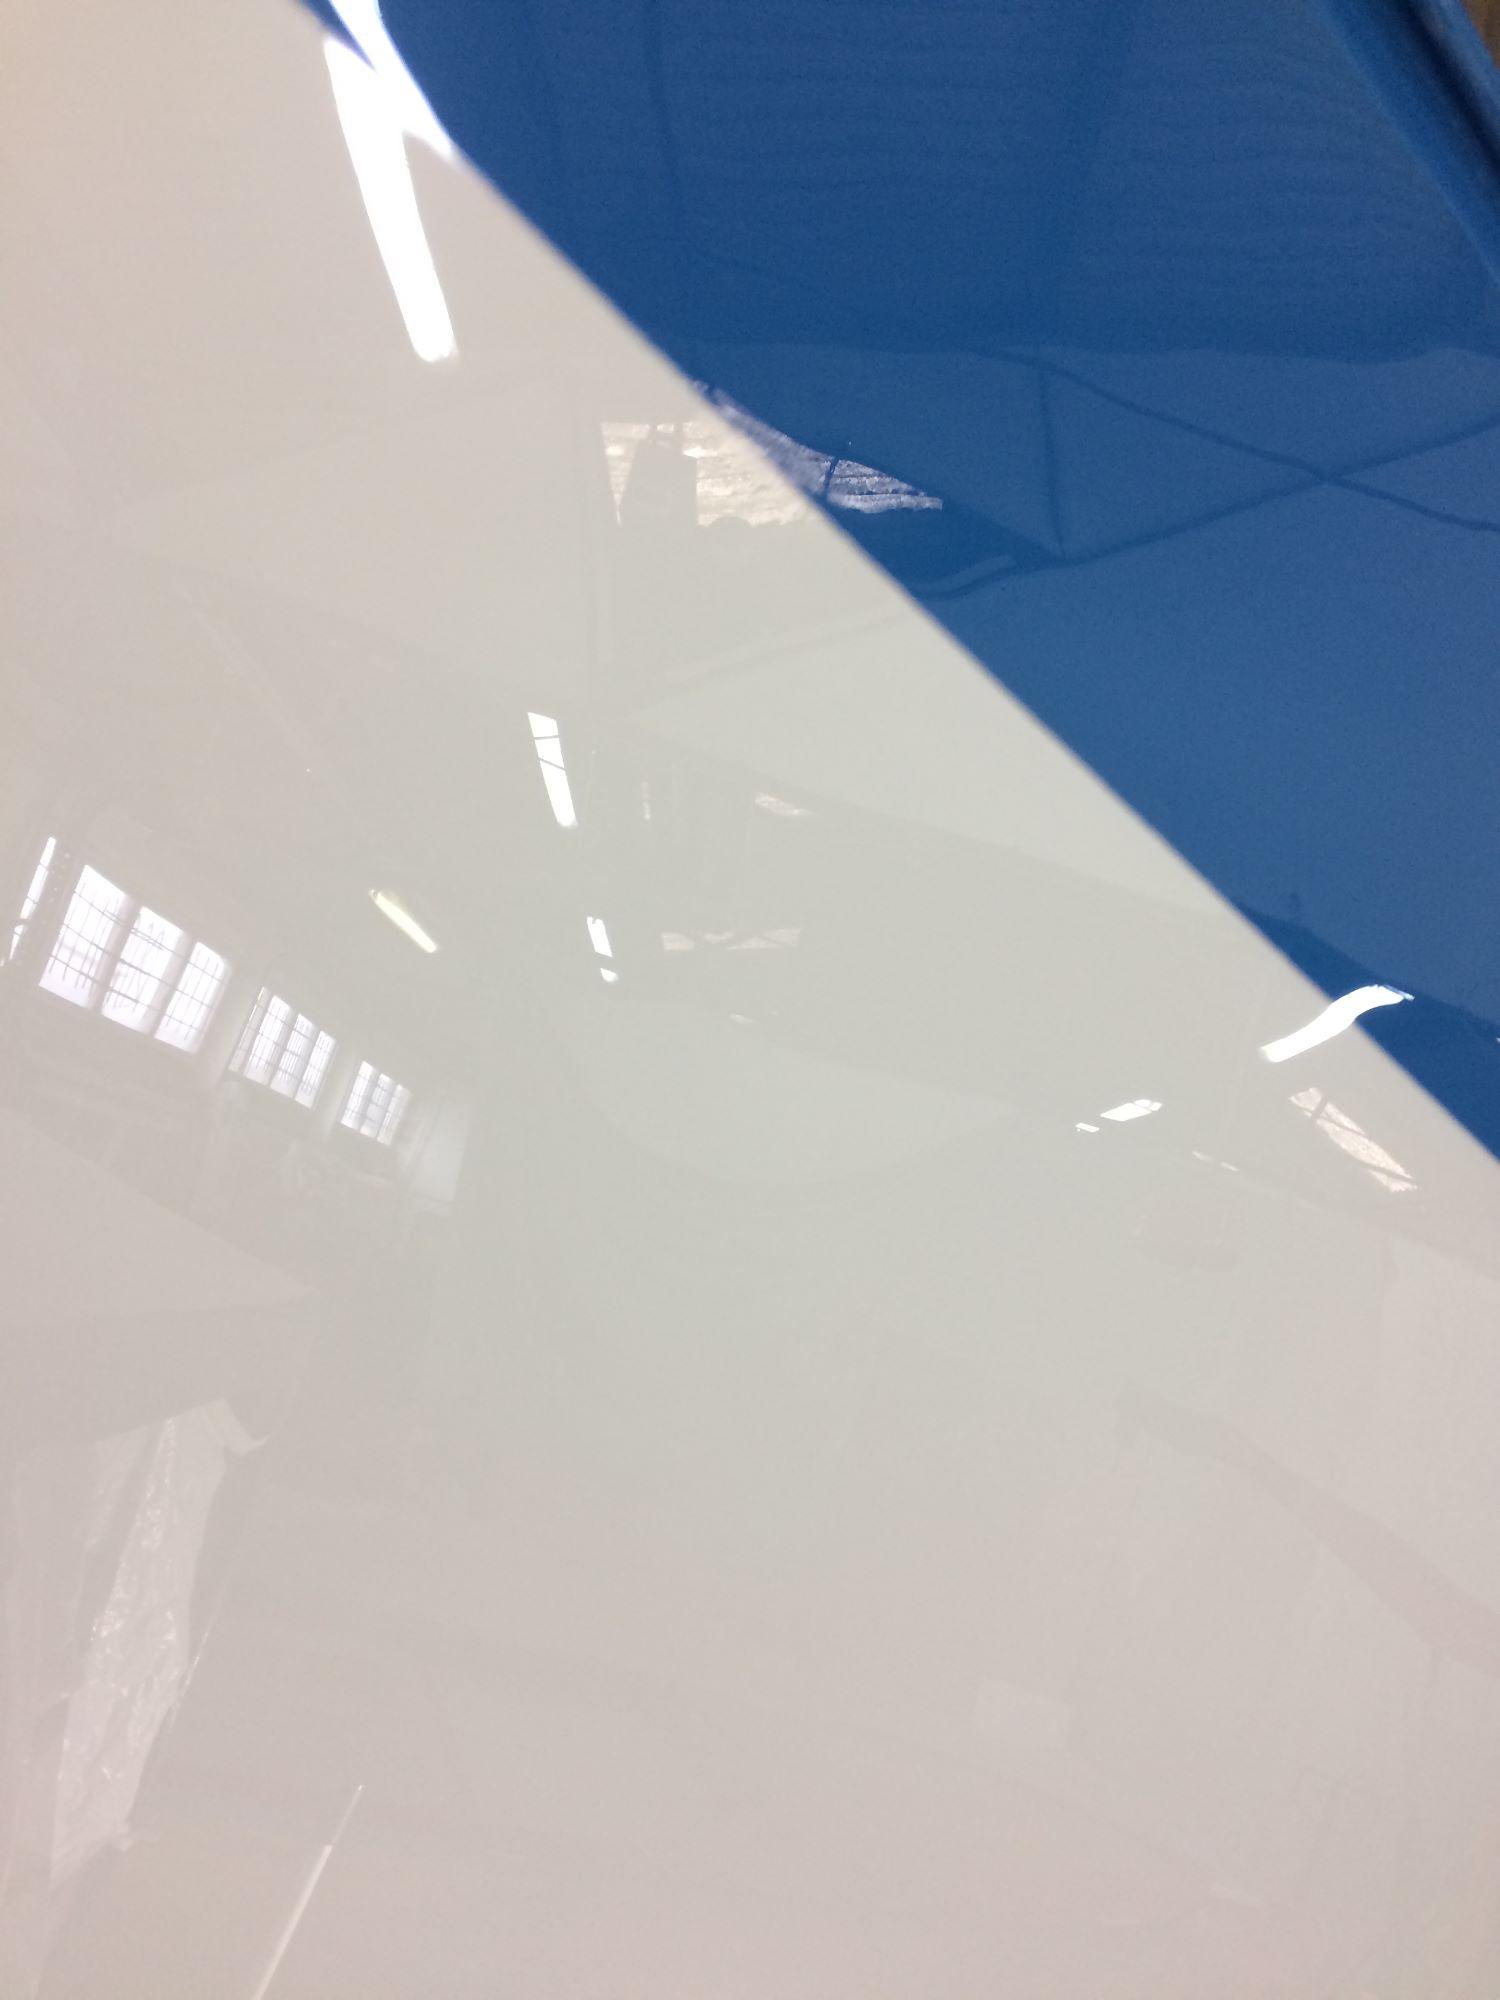 Awlgrip paint